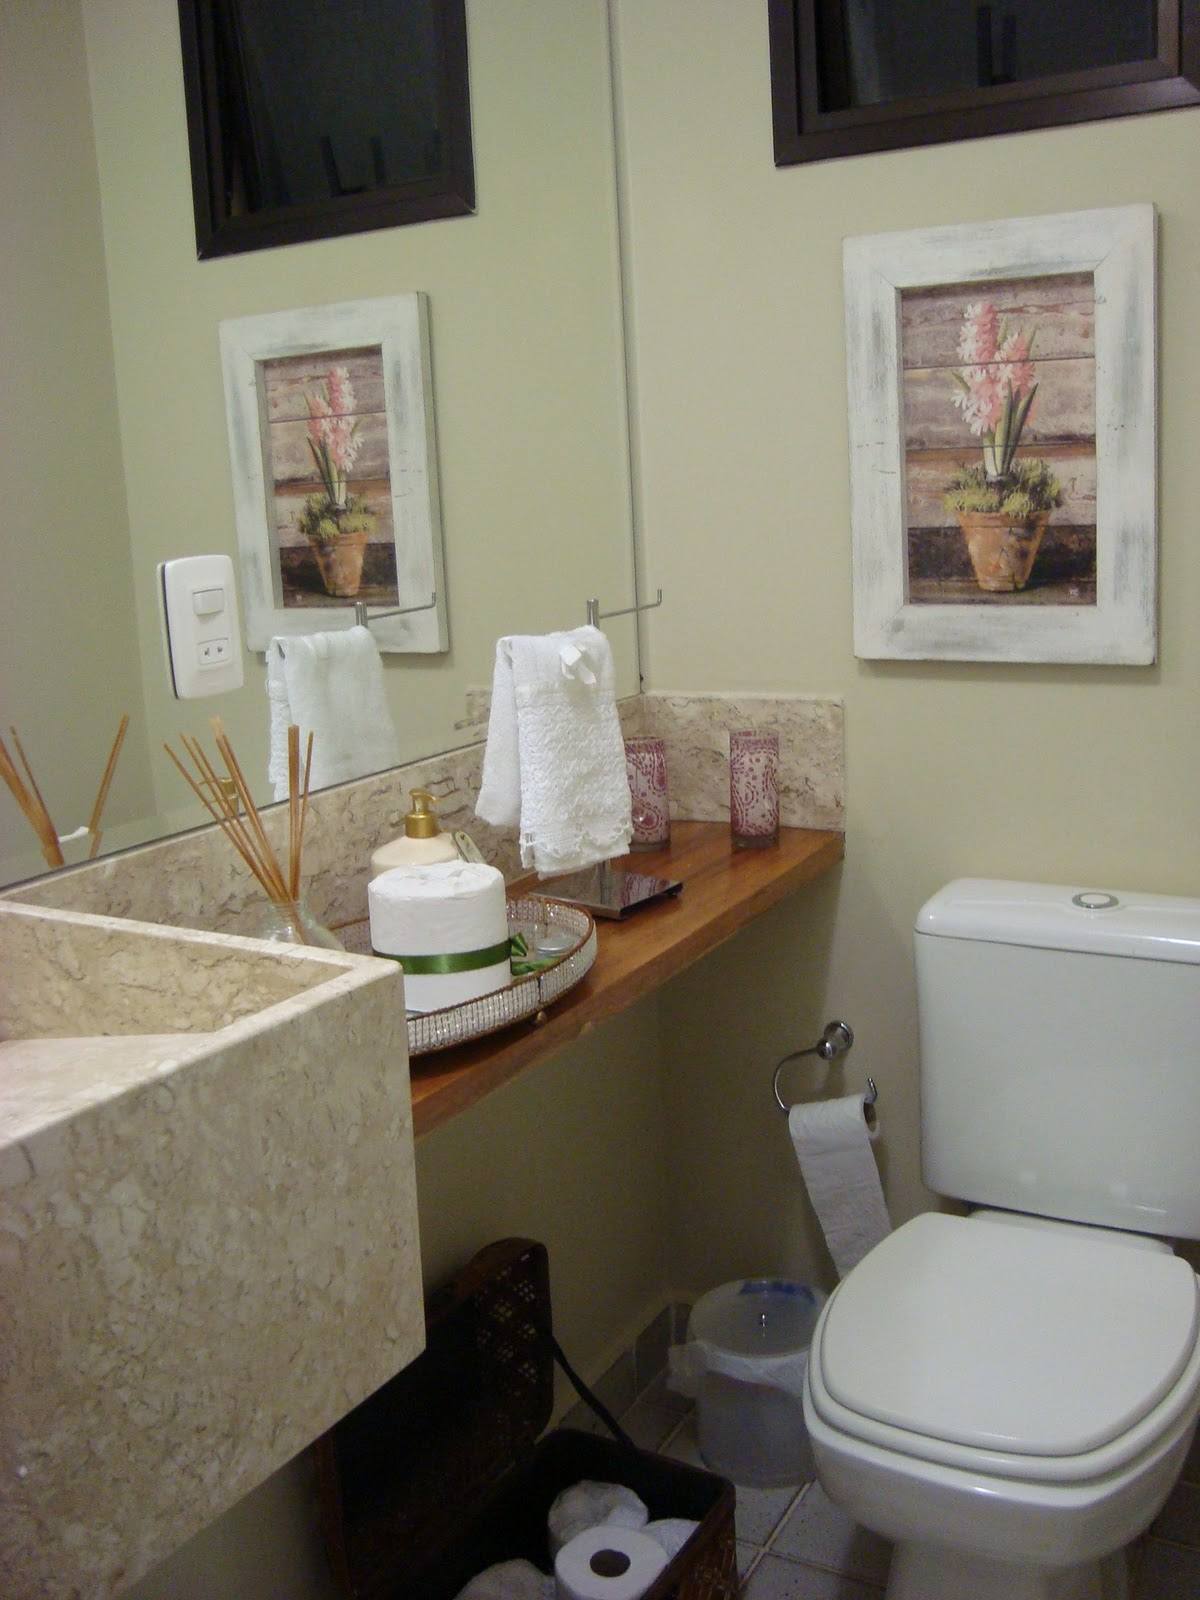 porcelanato floral. O espelho entra como uma solução para ampliar o #614936 1200x1600 Banheiro Com Porcelanato Rustico